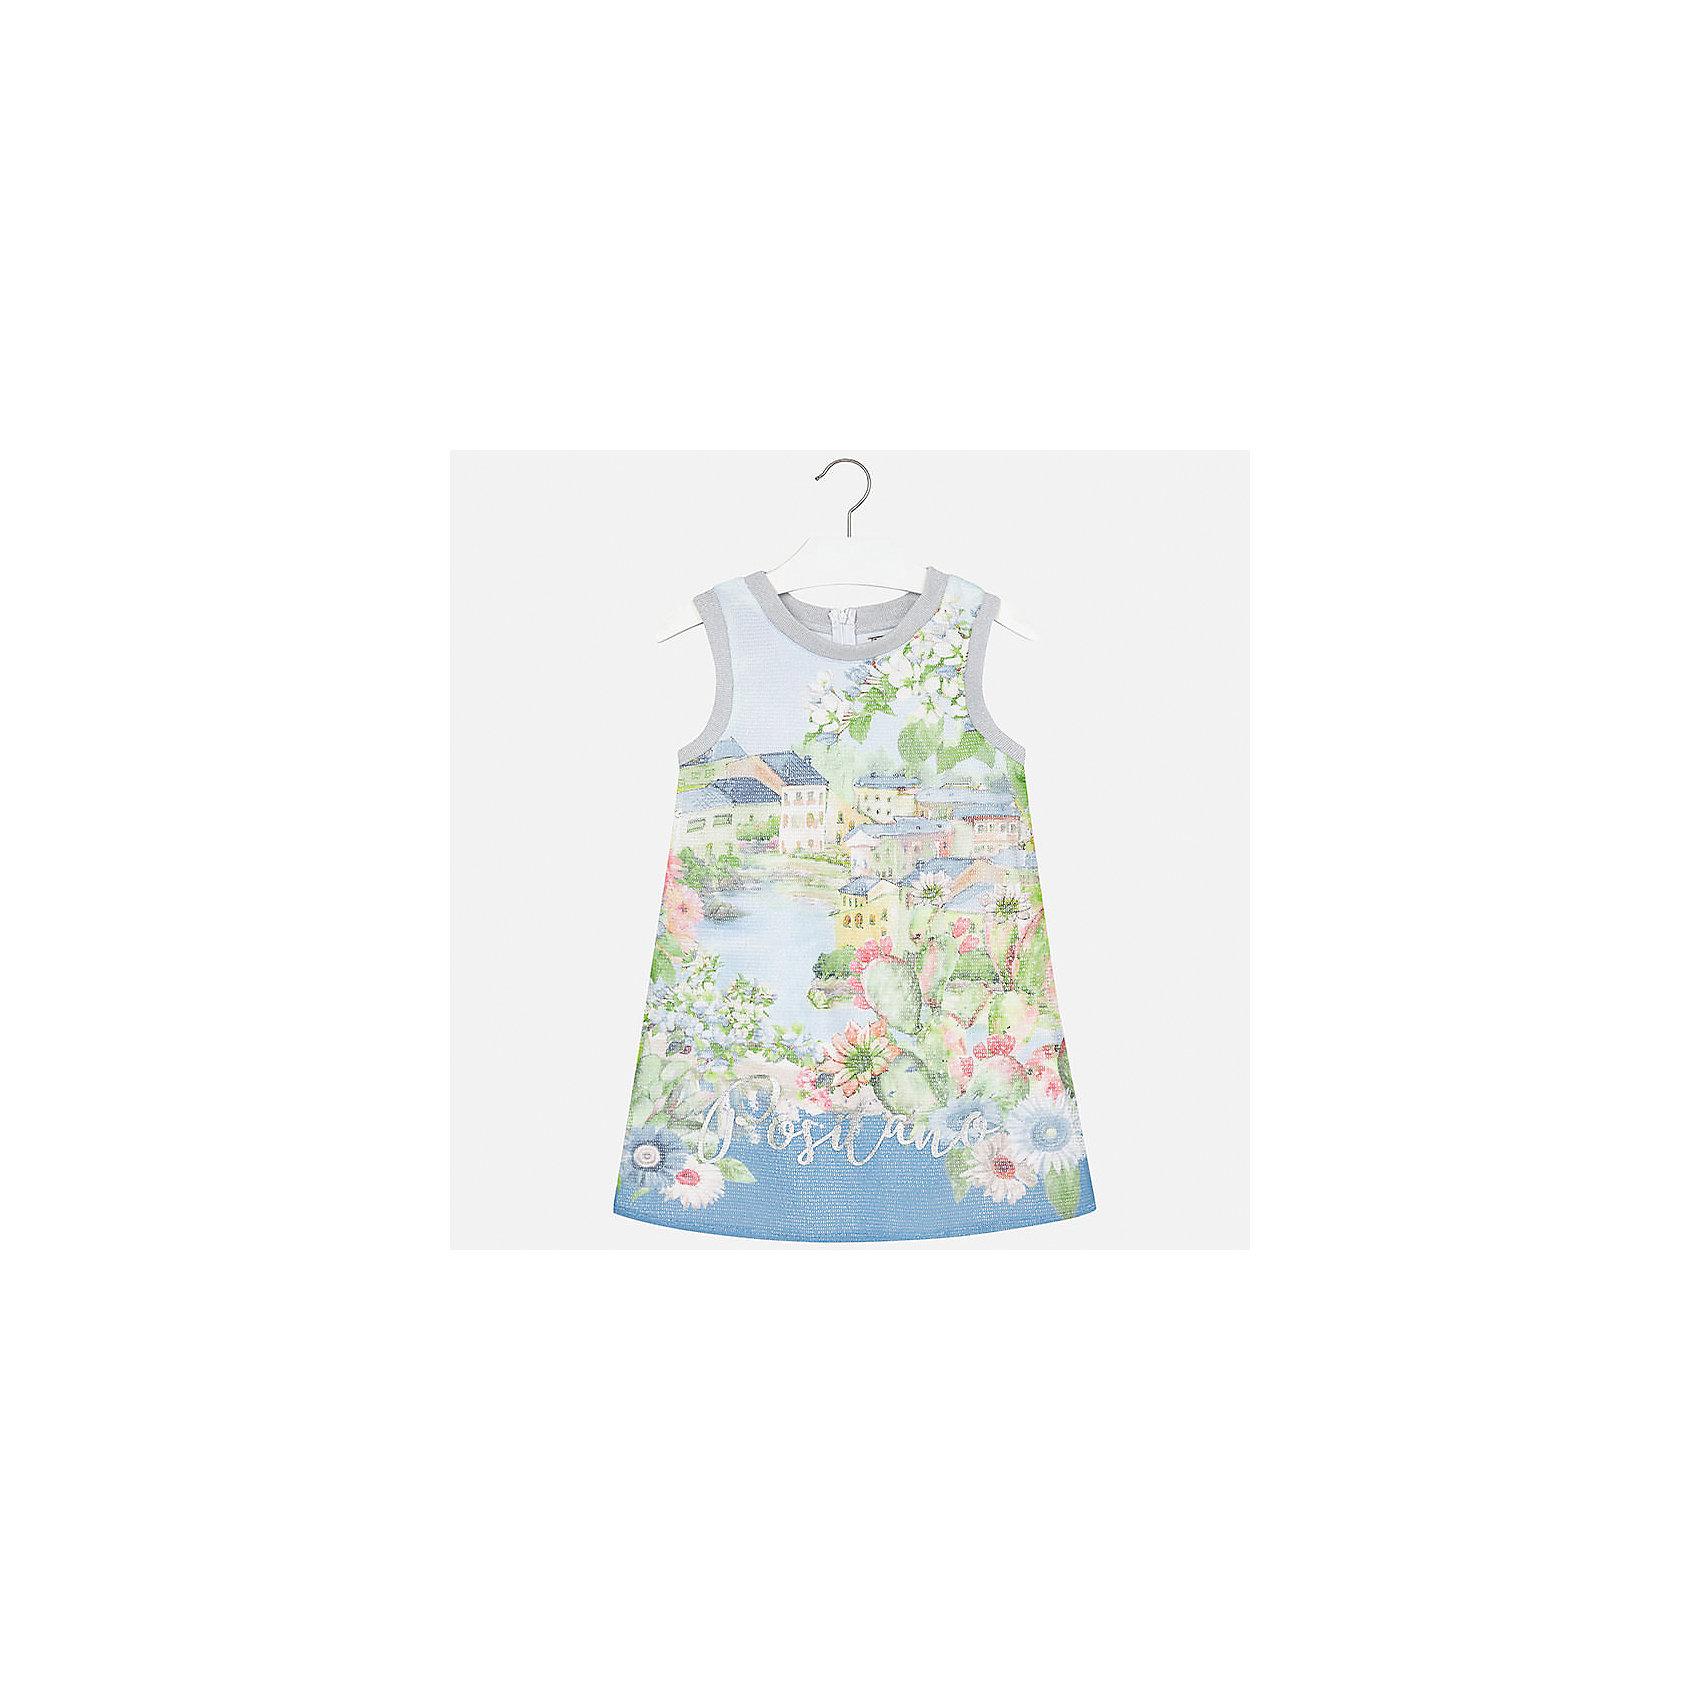 Платье для девочки MayoralХарактеристики товара:<br><br>• цвет: голубой<br>• состав: 100% полиэстер, подкладка - 40% полиэстер, 55% хлопок, 5% эластан<br>• застежка: молния<br>• прямой силуэт<br>• без рукавов<br>• с подкладкой<br>• страна бренда: Испания<br><br>Нарядное платье для девочки поможет разнообразить гардероб ребенка и создать эффектный наряд. Оно подойдет для различных случаев. Красивый оттенок позволяет подобрать к вещи обувь разных расцветок. Платье хорошо сидит по фигуре.<br><br>Одежда, обувь и аксессуары от испанского бренда Mayoral полюбились детям и взрослым по всему миру. Модели этой марки - стильные и удобные. Для их производства используются только безопасные, качественные материалы и фурнитура. Порадуйте ребенка модными и красивыми вещами от Mayoral! <br><br>Платье для девочки от испанского бренда Mayoral (Майорал) можно купить в нашем интернет-магазине.<br><br>Ширина мм: 236<br>Глубина мм: 16<br>Высота мм: 184<br>Вес г: 177<br>Цвет: голубой<br>Возраст от месяцев: 156<br>Возраст до месяцев: 168<br>Пол: Женский<br>Возраст: Детский<br>Размер: 164,140,128/134,152,158<br>SKU: 5293263